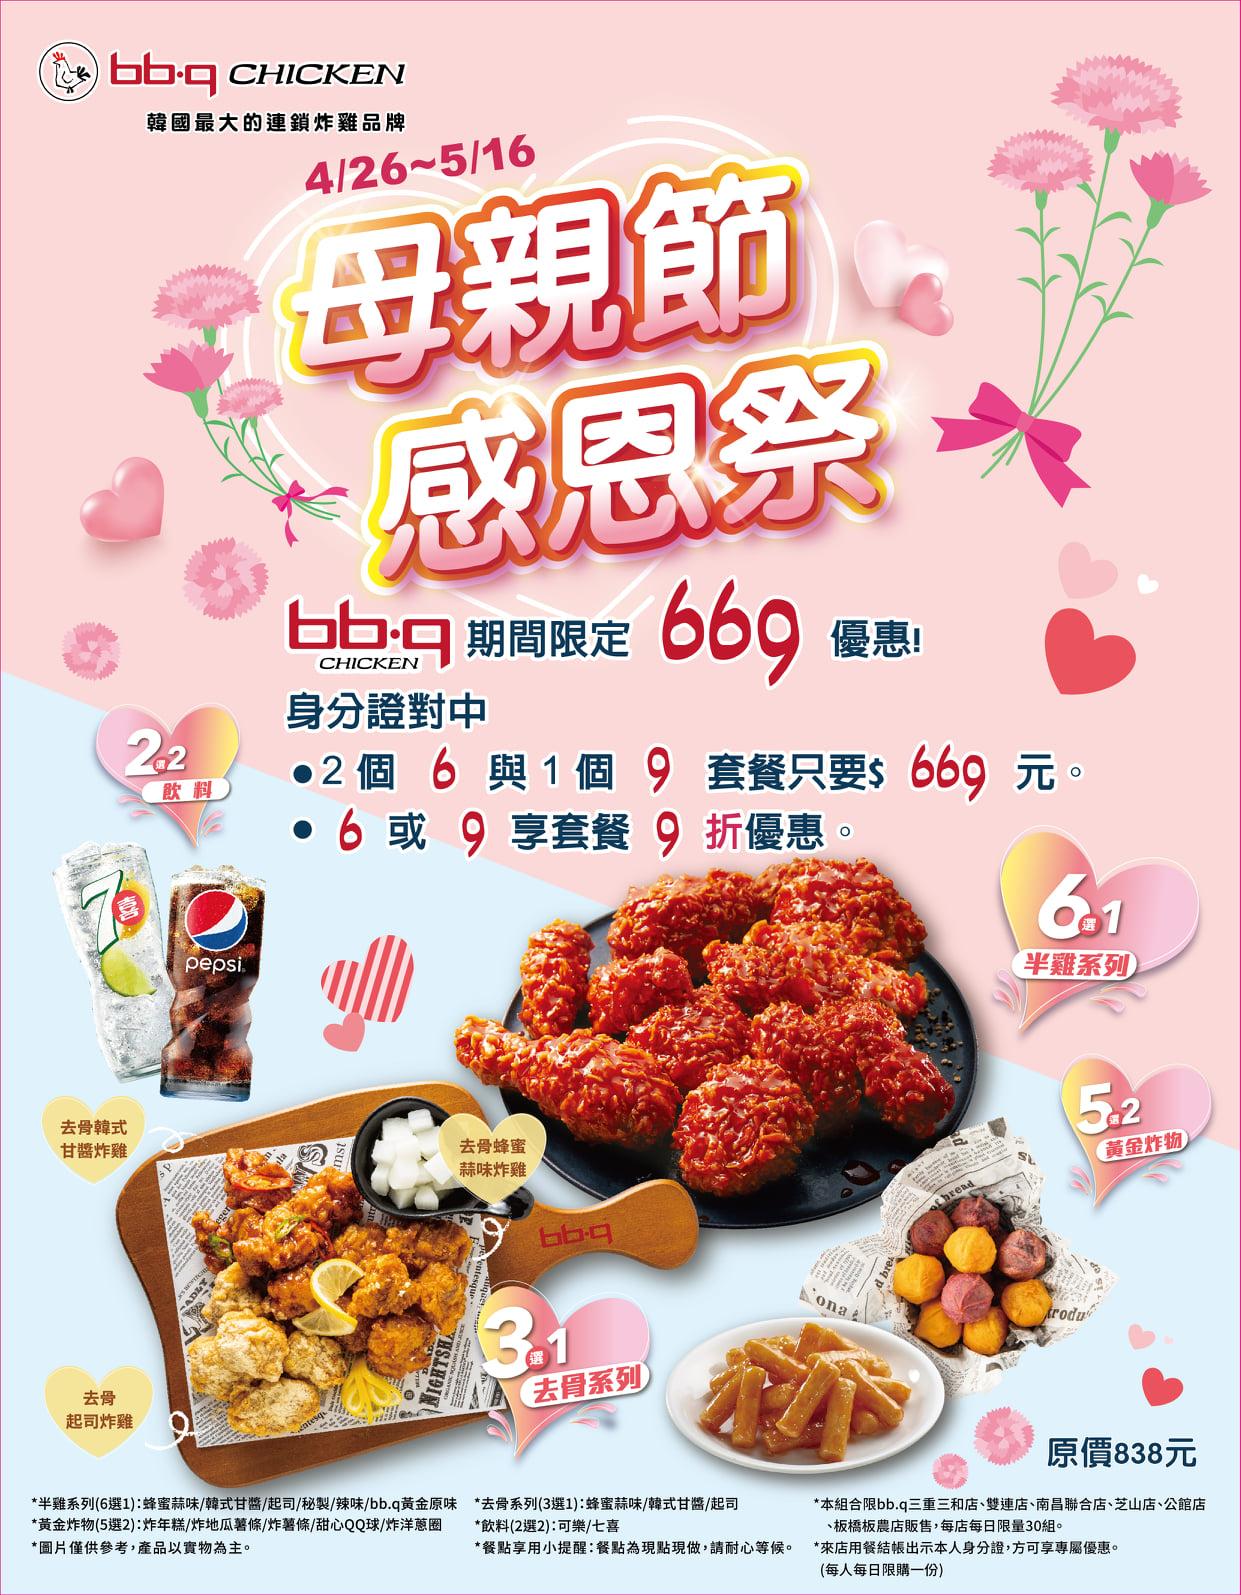 【台北】bb.q chicken |韓國最大連鎖炸雞品牌在家追劇吃炸雞(南昌聯合店外帶外送門市) @Maruko與美食有個約會